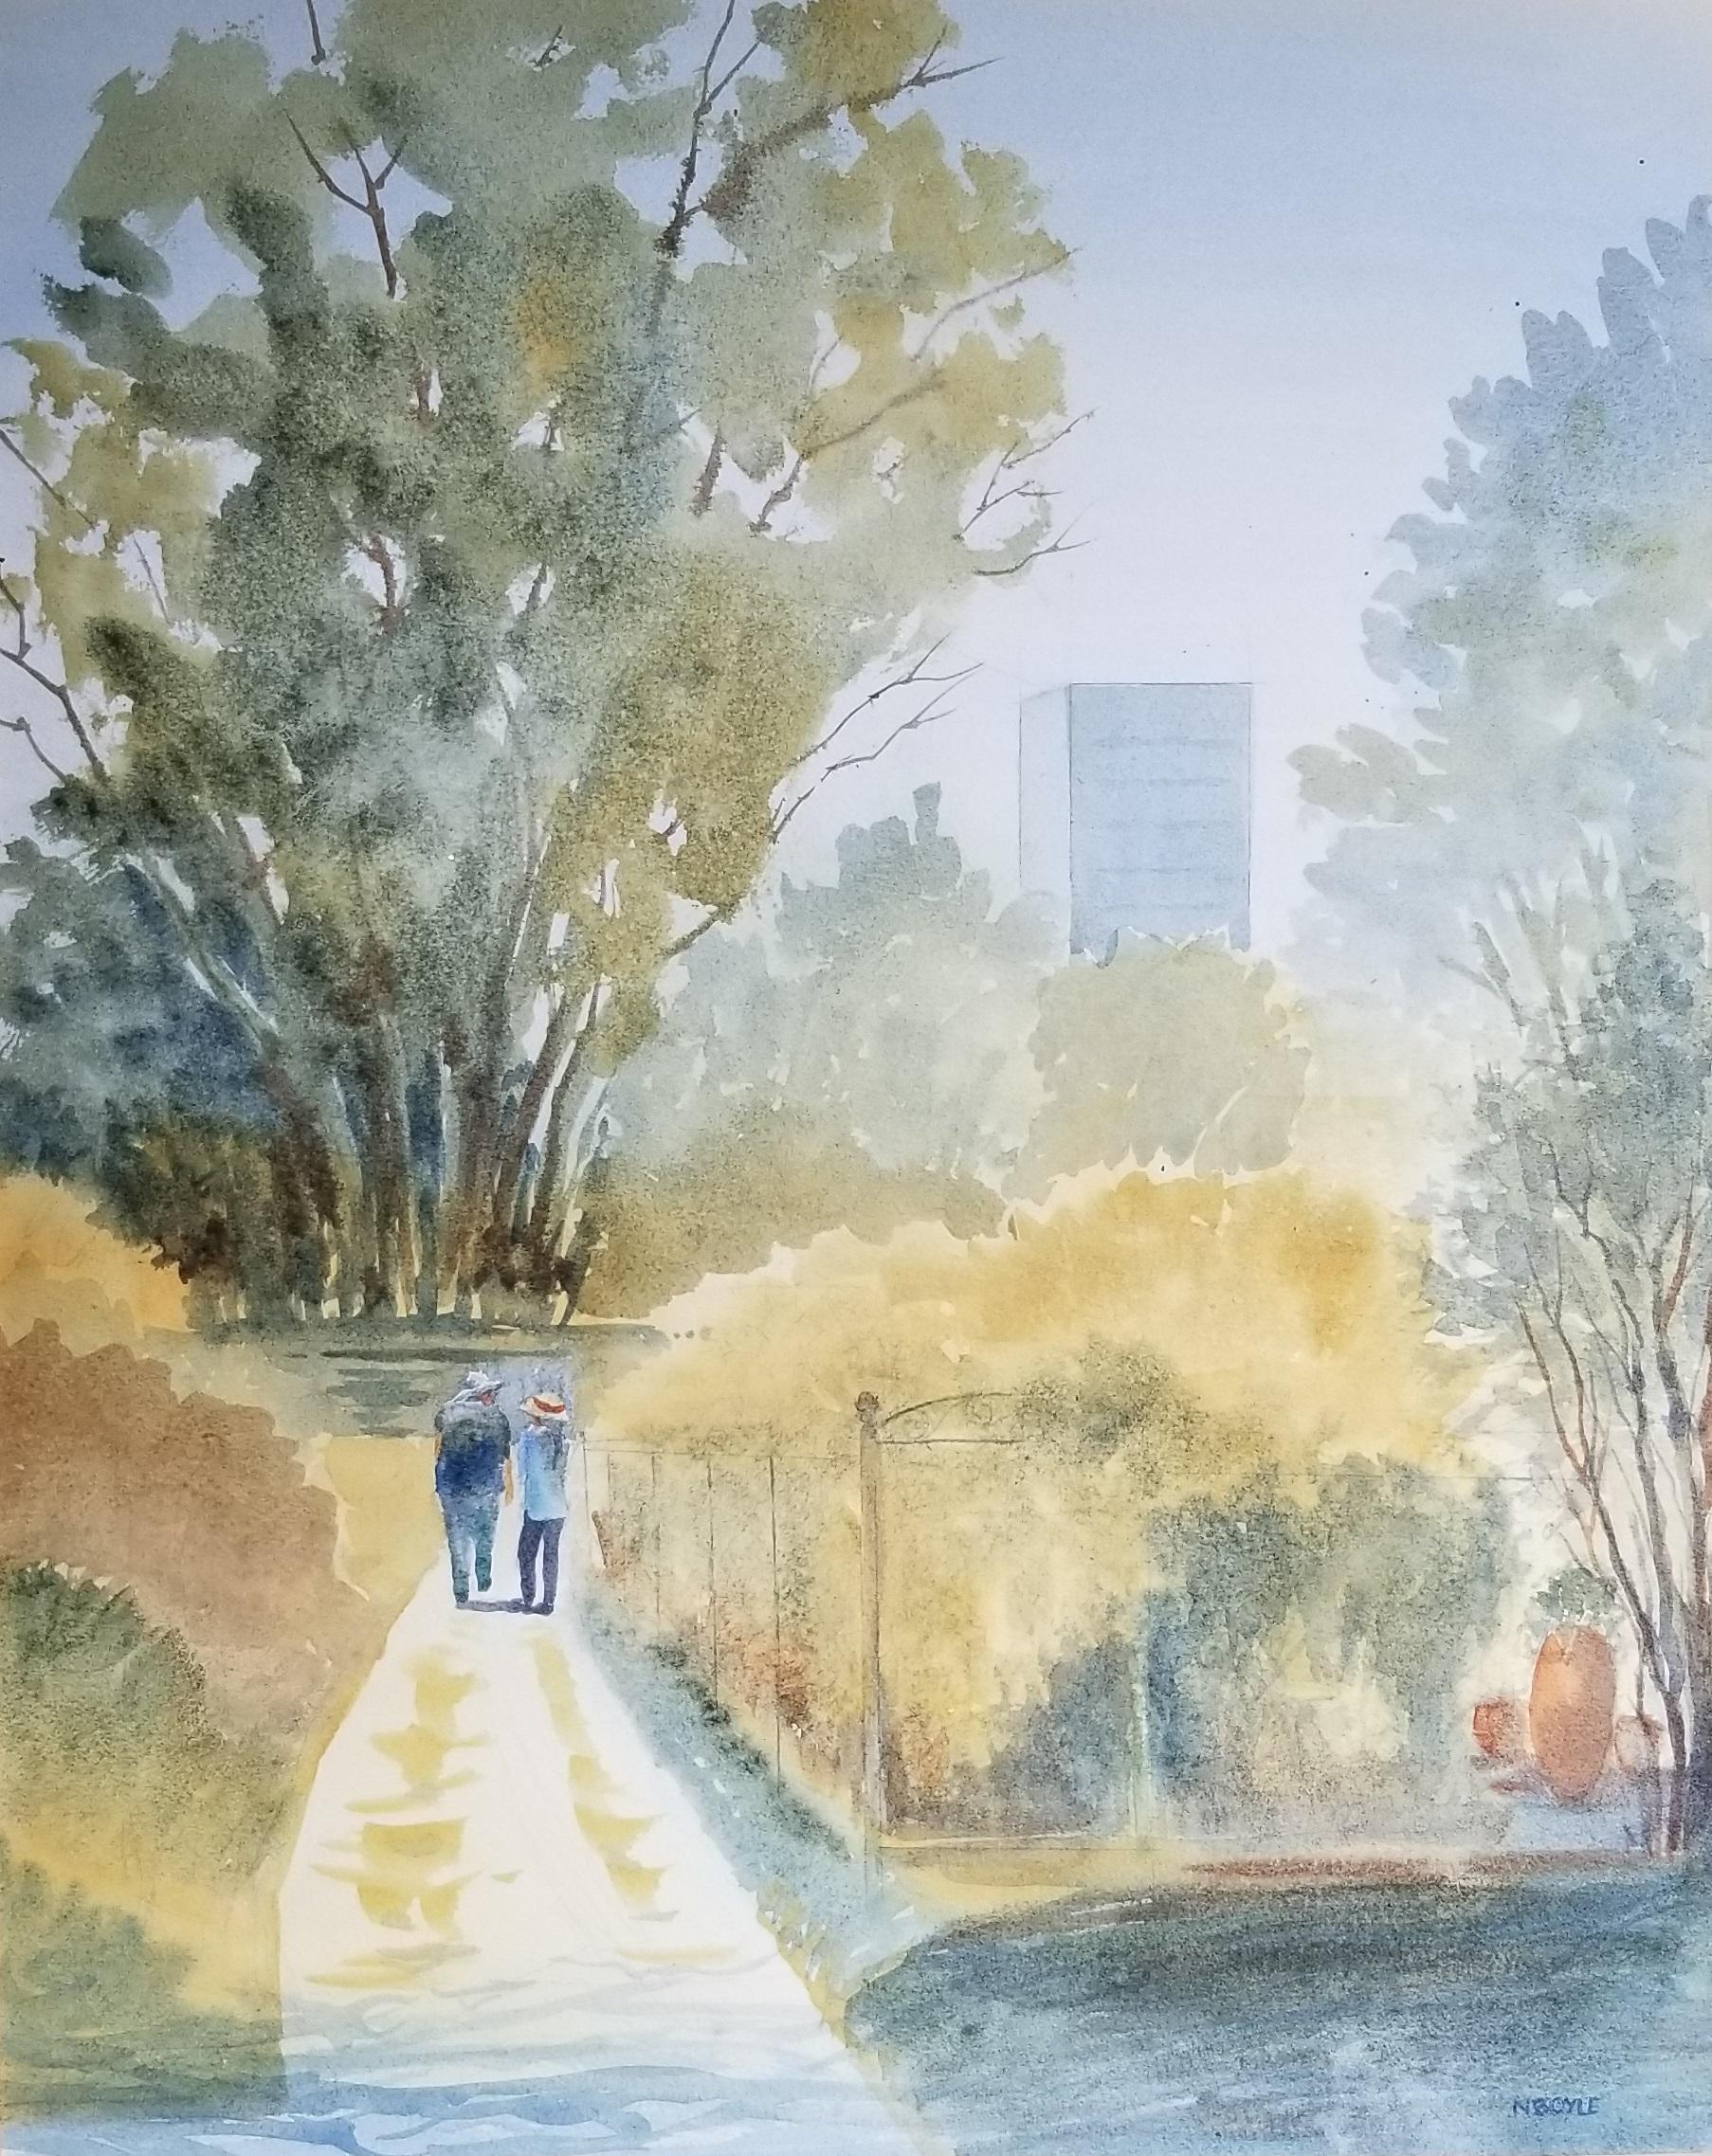 Fenway gardens-watercolor-16x20 by Nancy Boyle.jpg